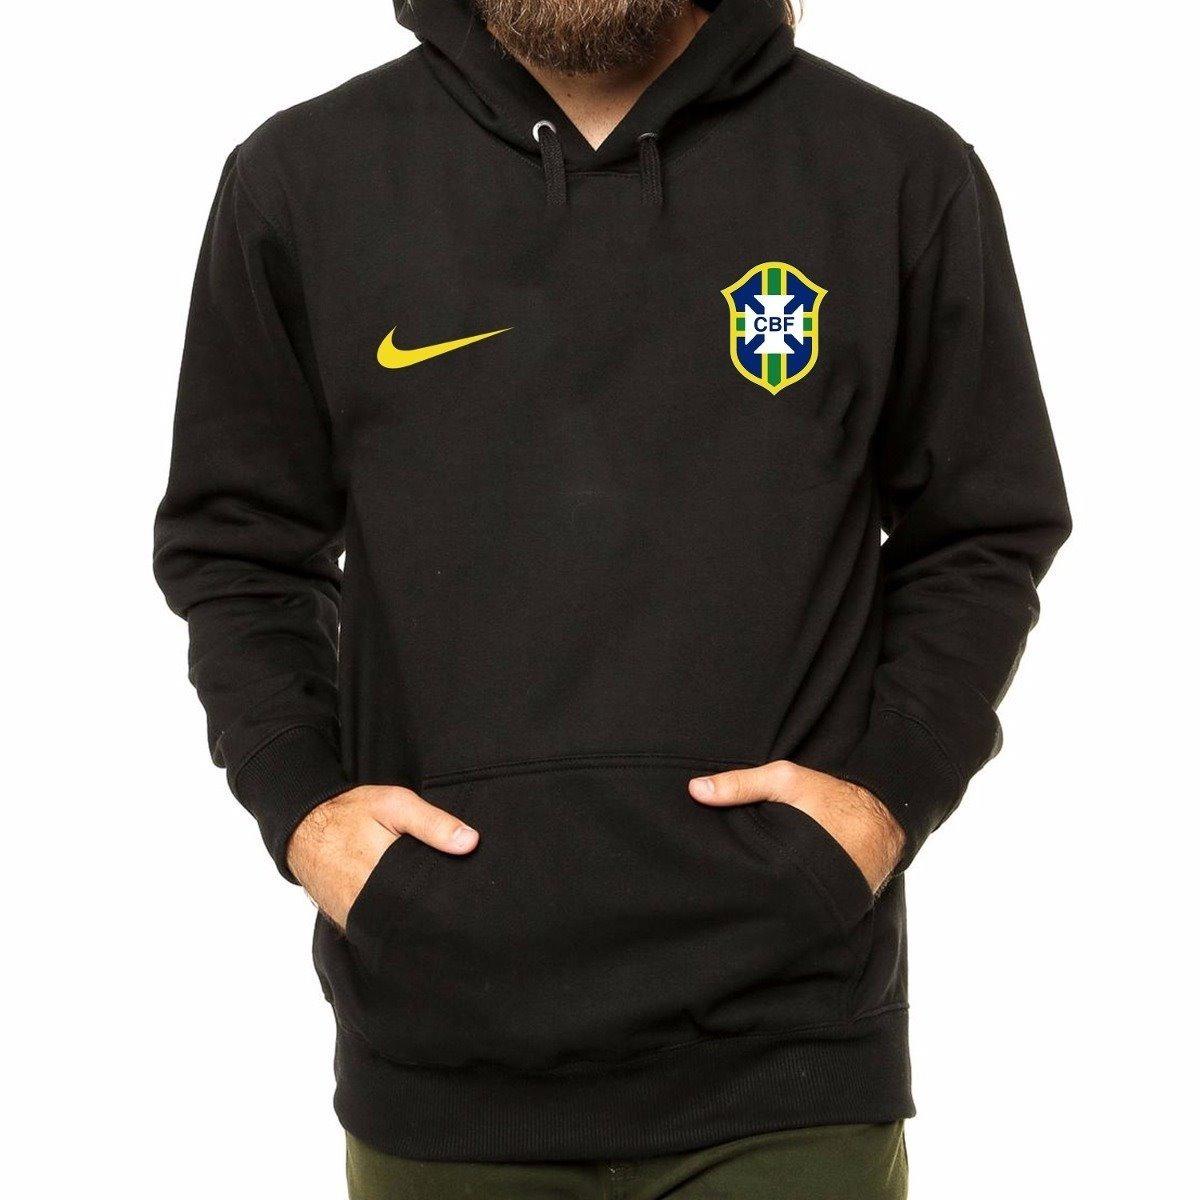 dab9fa21d0 moletom do brasil blusa seleçao brasileira copa do mundo. Carregando zoom.